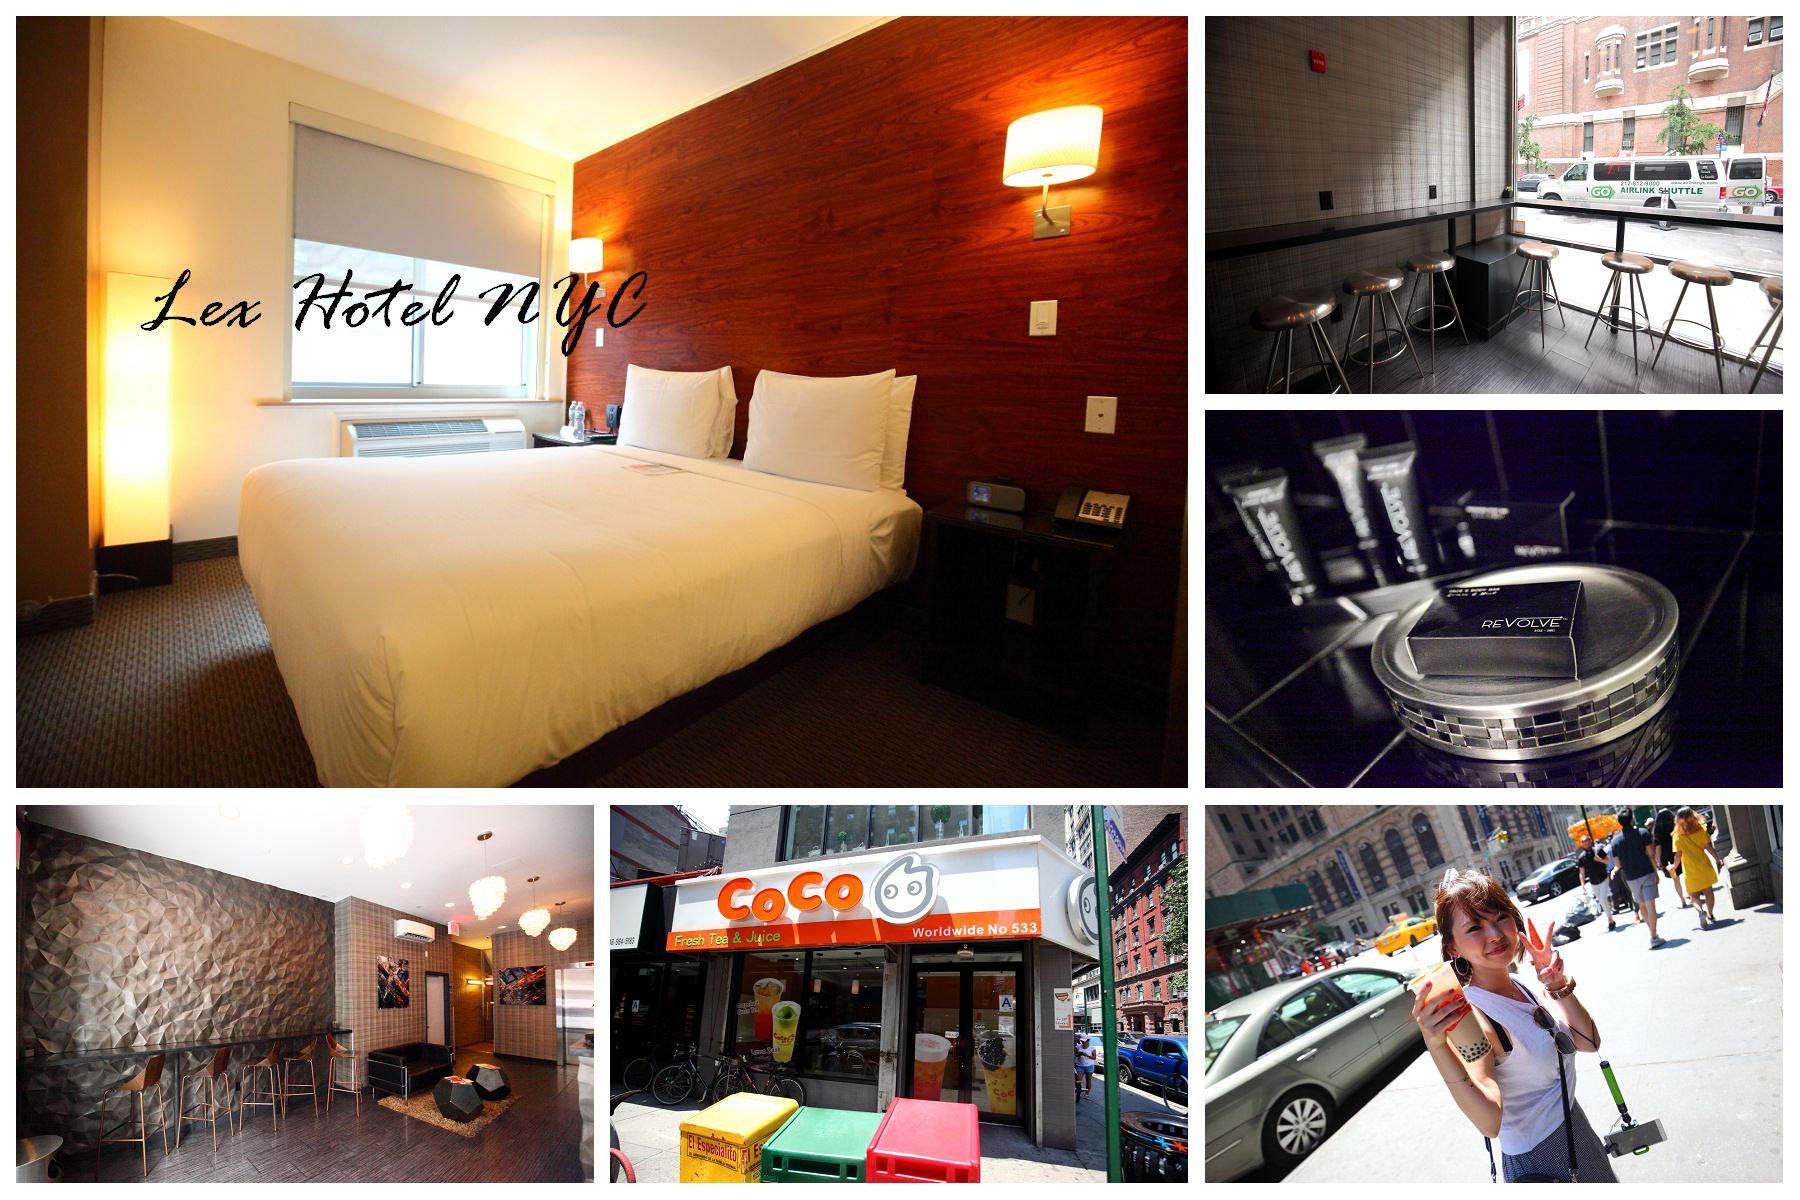 [美國紐約]曼哈頓市中心高評價飯店,台幣三千附早餐!Lex Hotel NYC